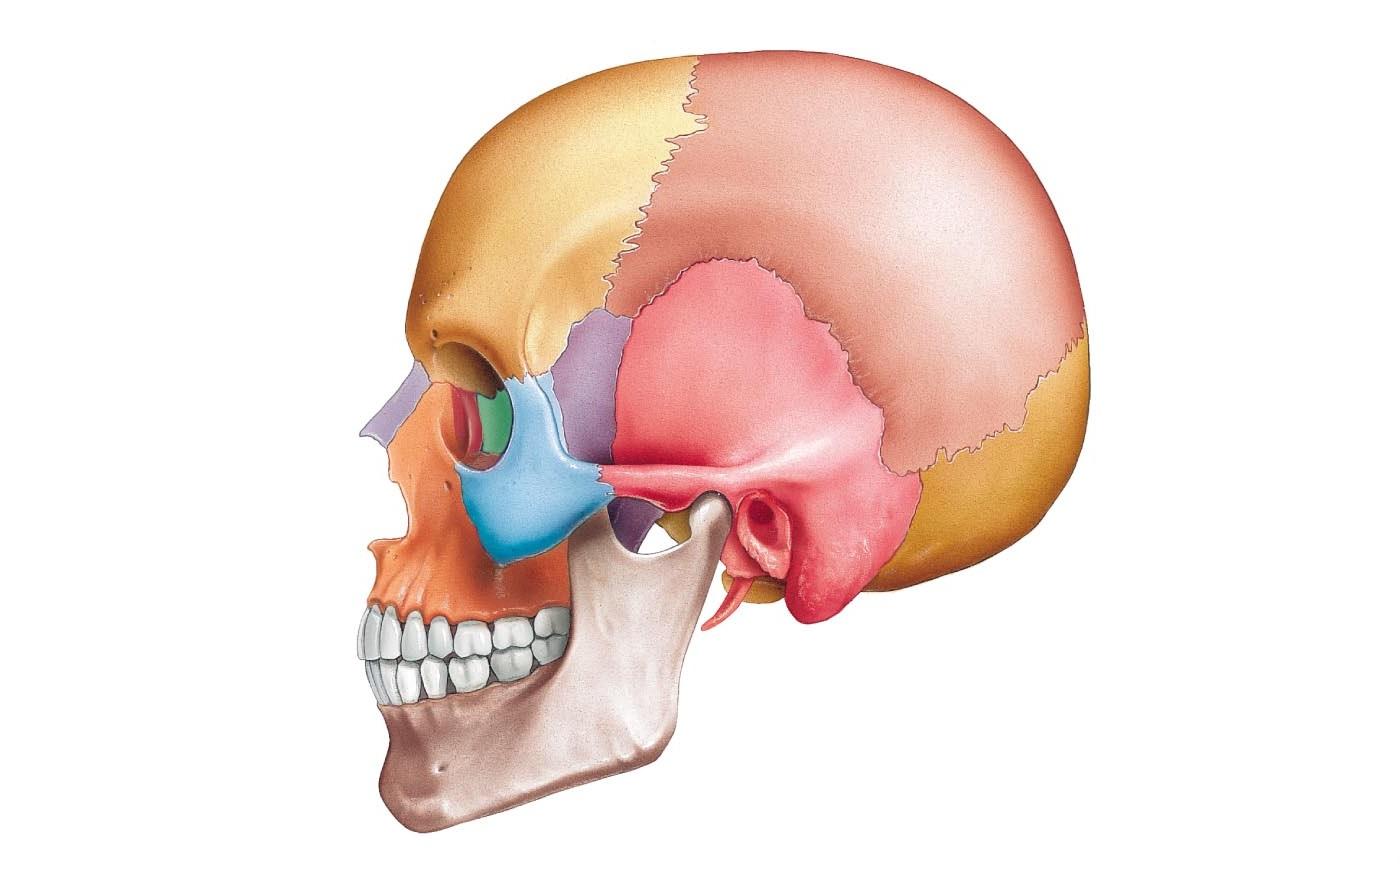 Теменная кость. Строение теменной кости